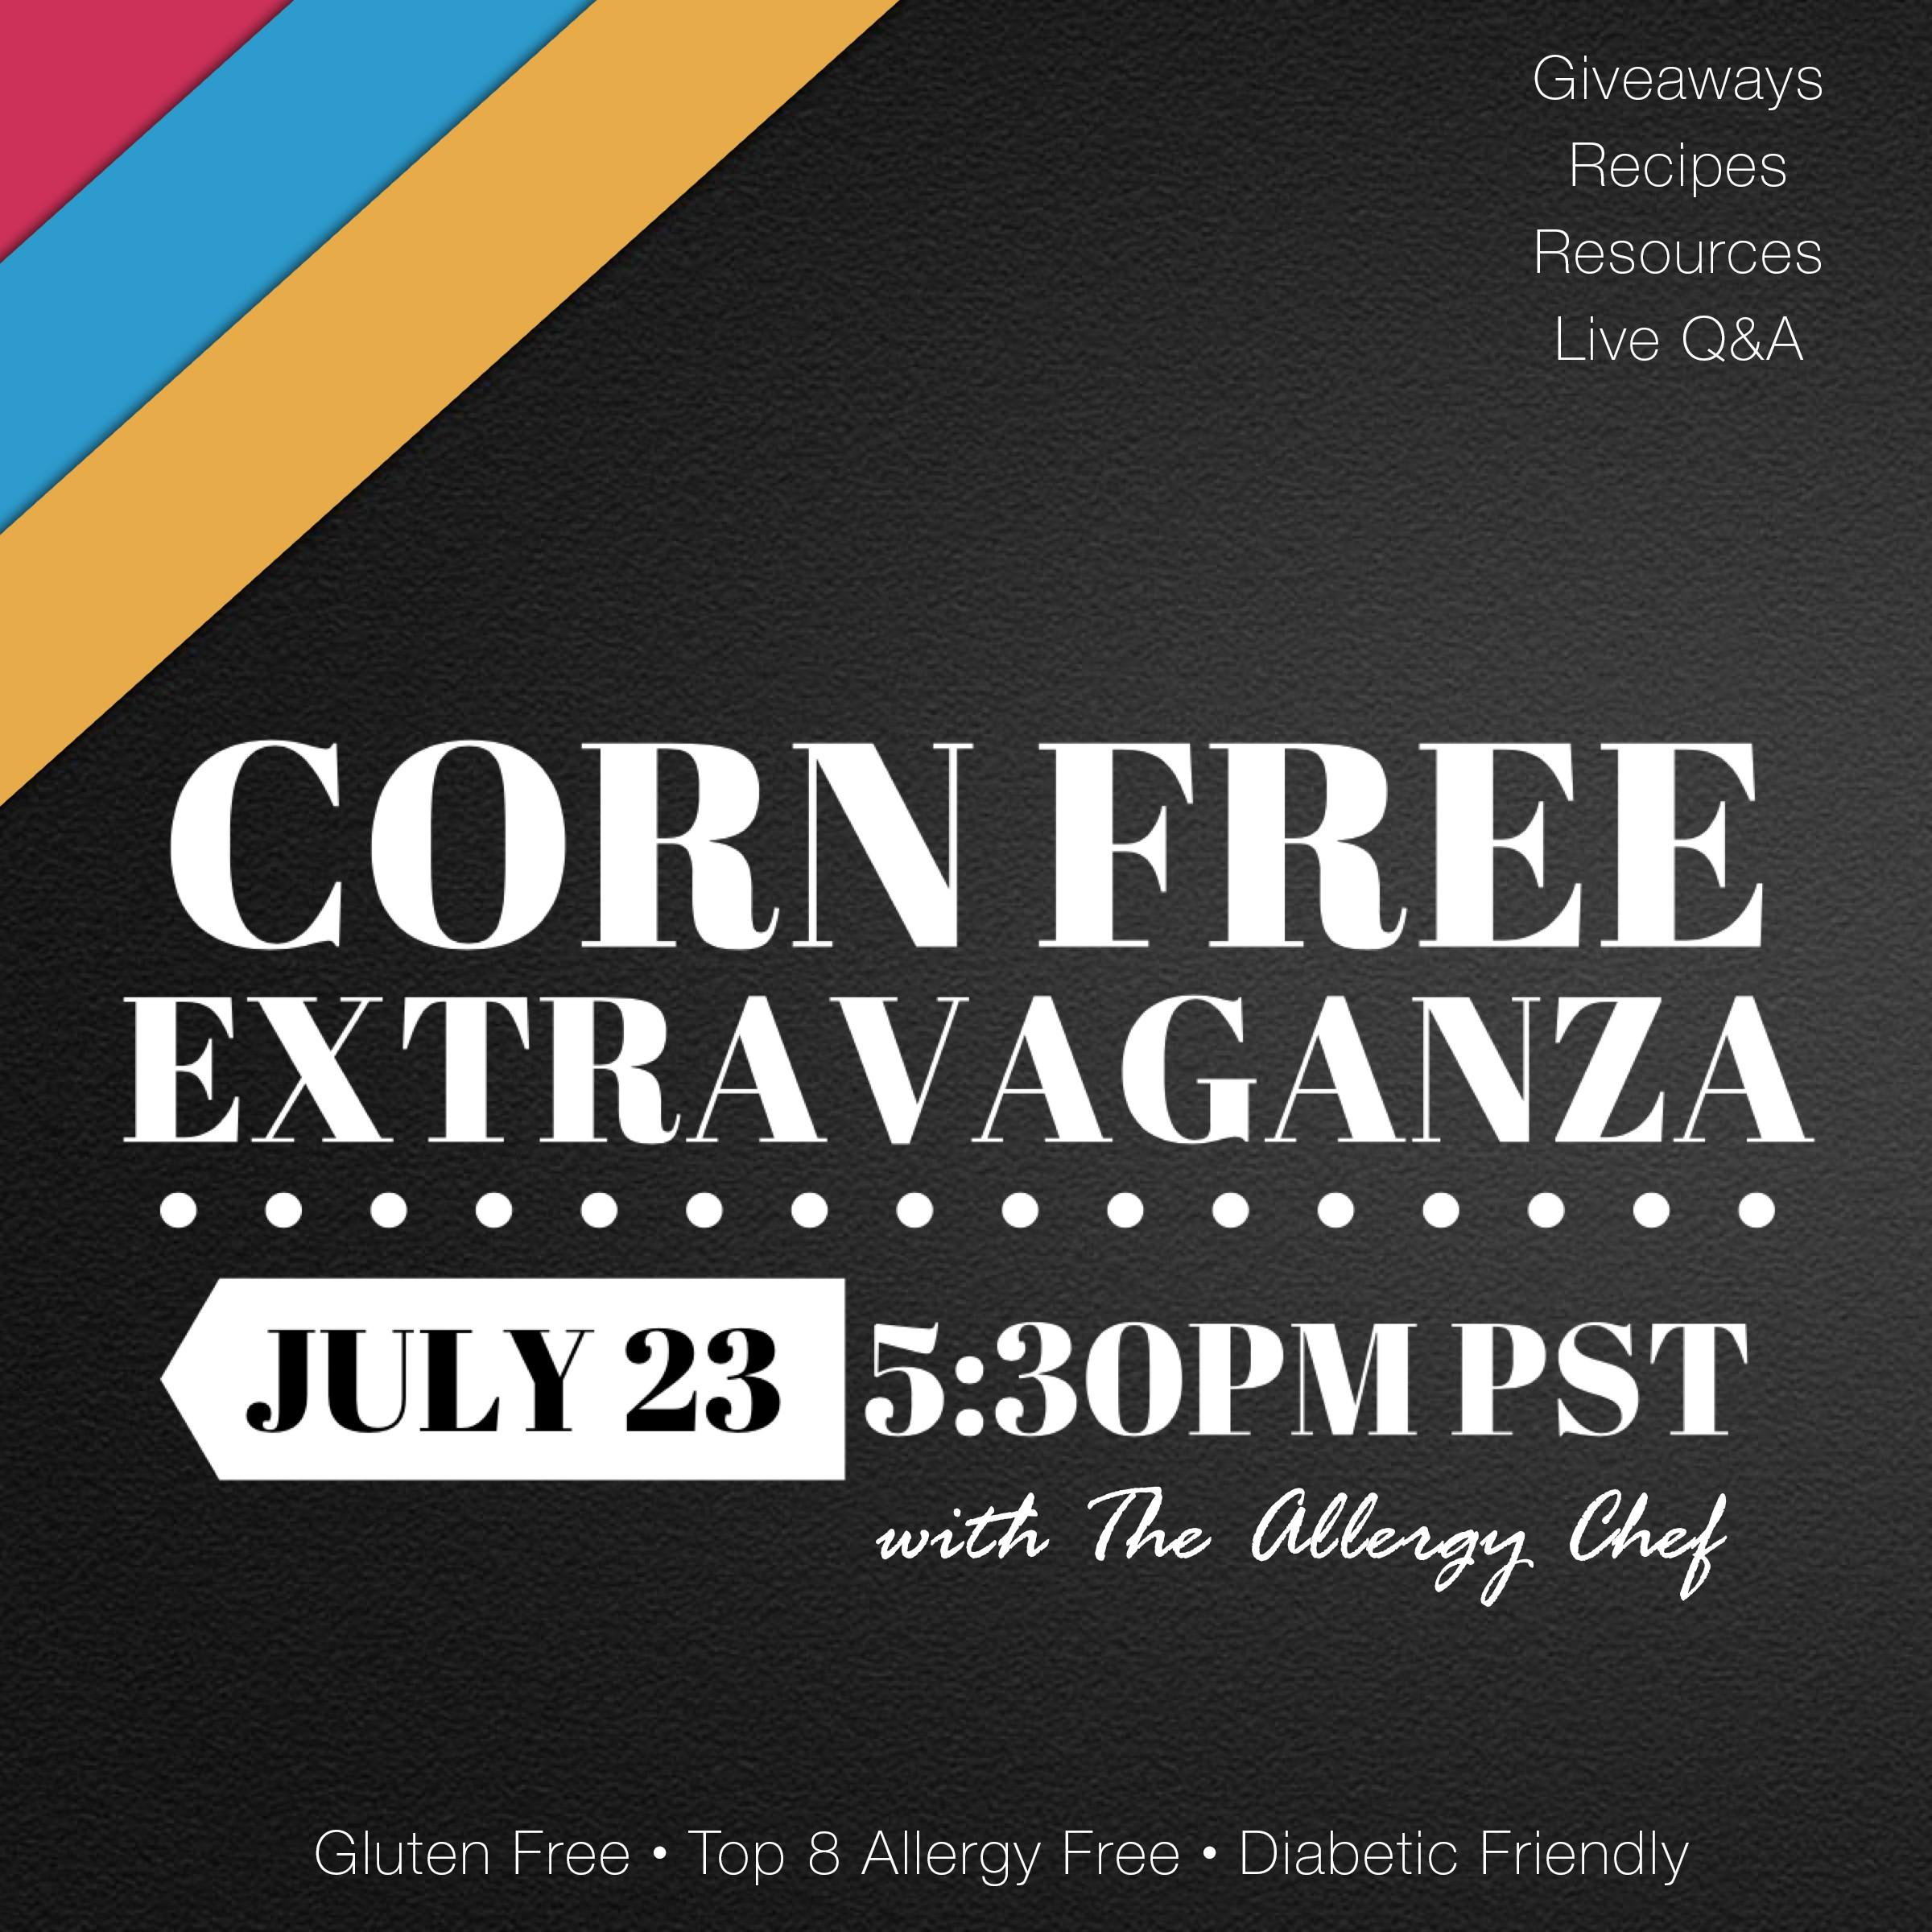 Corn Free Extravaganza